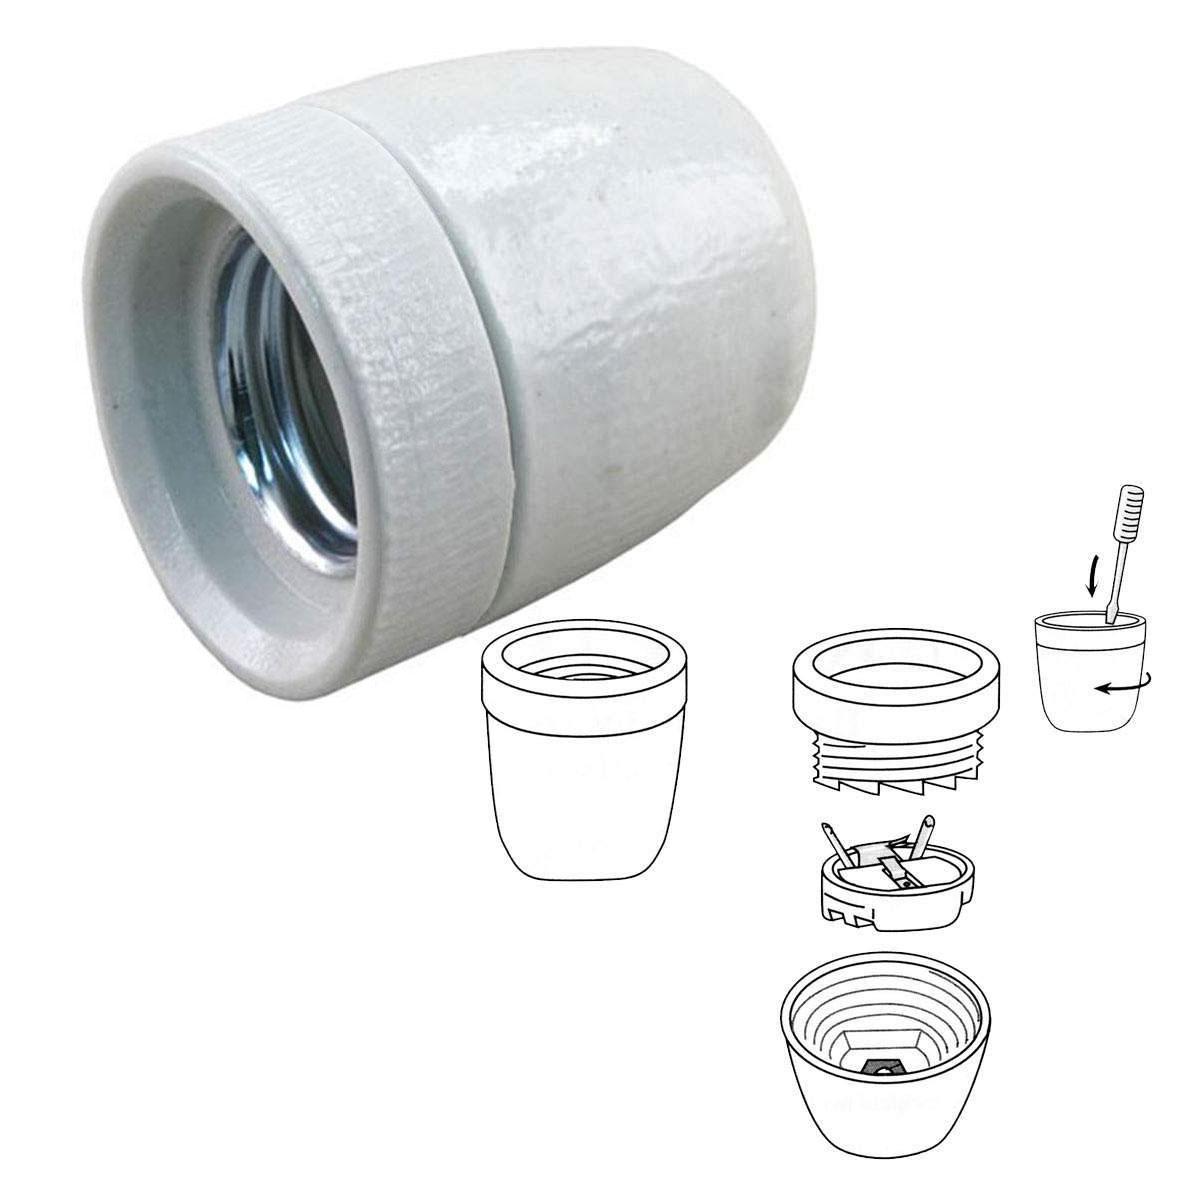 Porseleinen fitting E27 groot, 17mm (5828) - KS Verlichting - Losse onderdelen